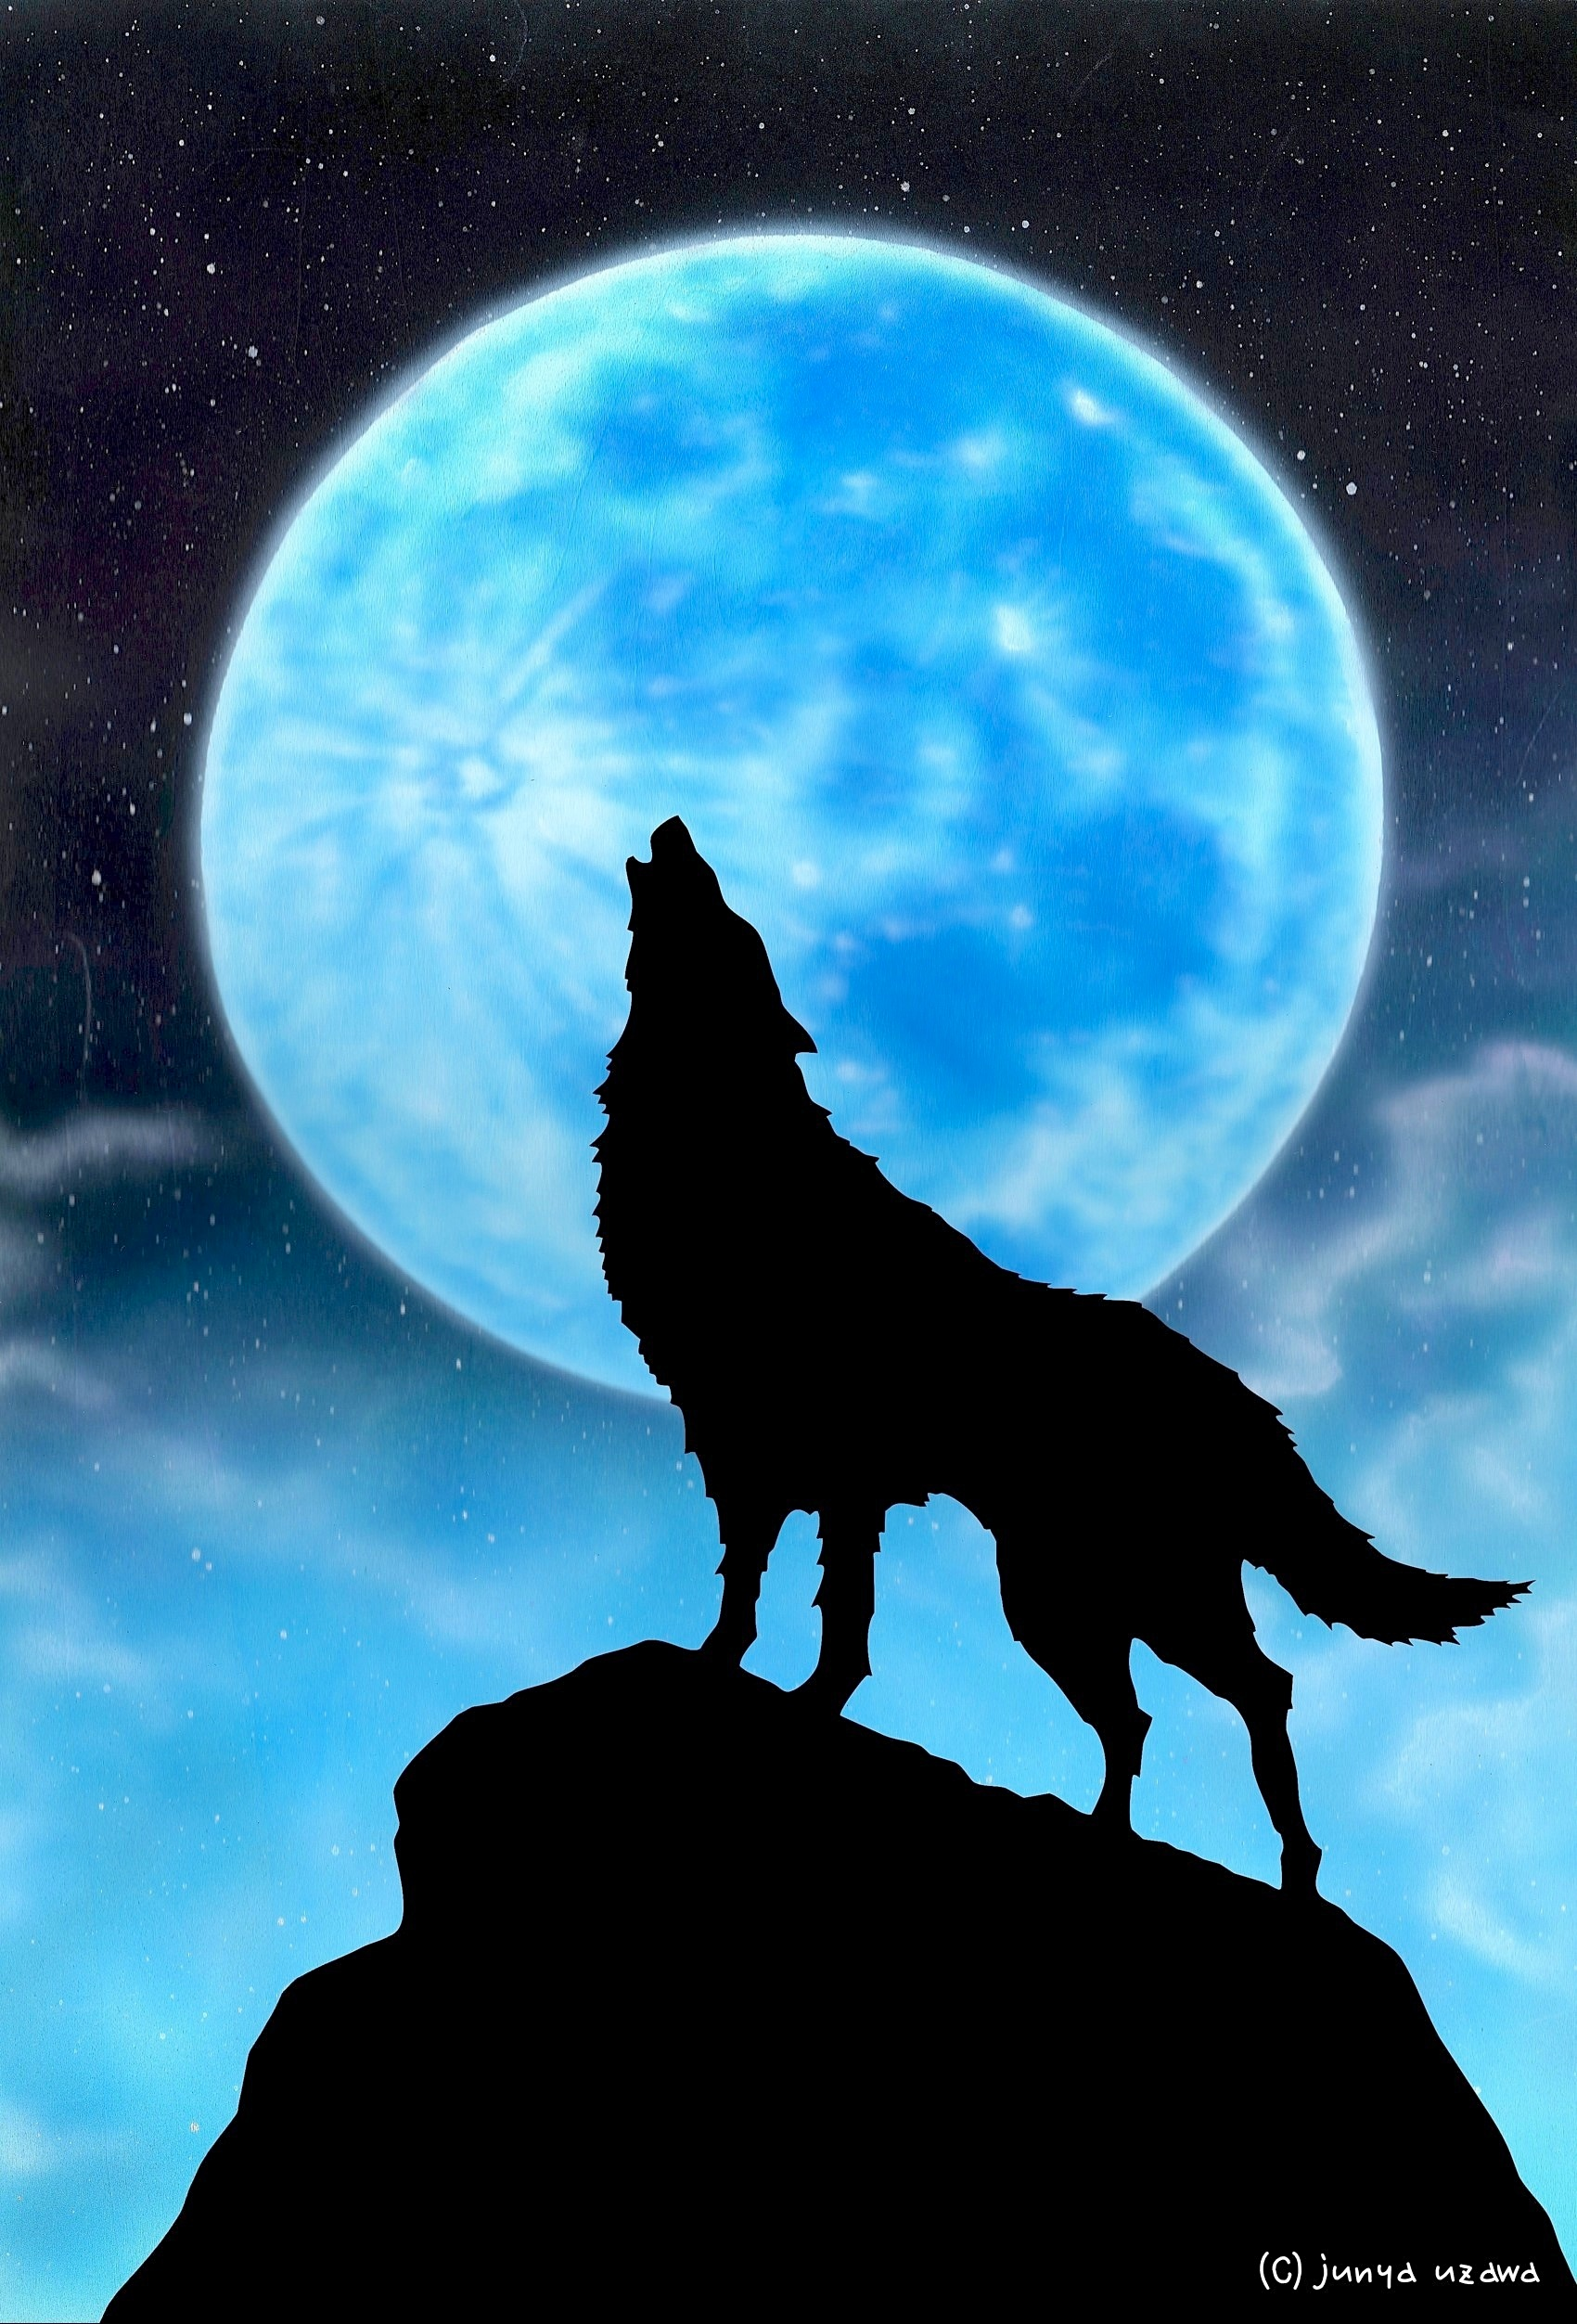 素材集』かわいい カッコイイ オオカミのイラストまとめ - naver まとめ